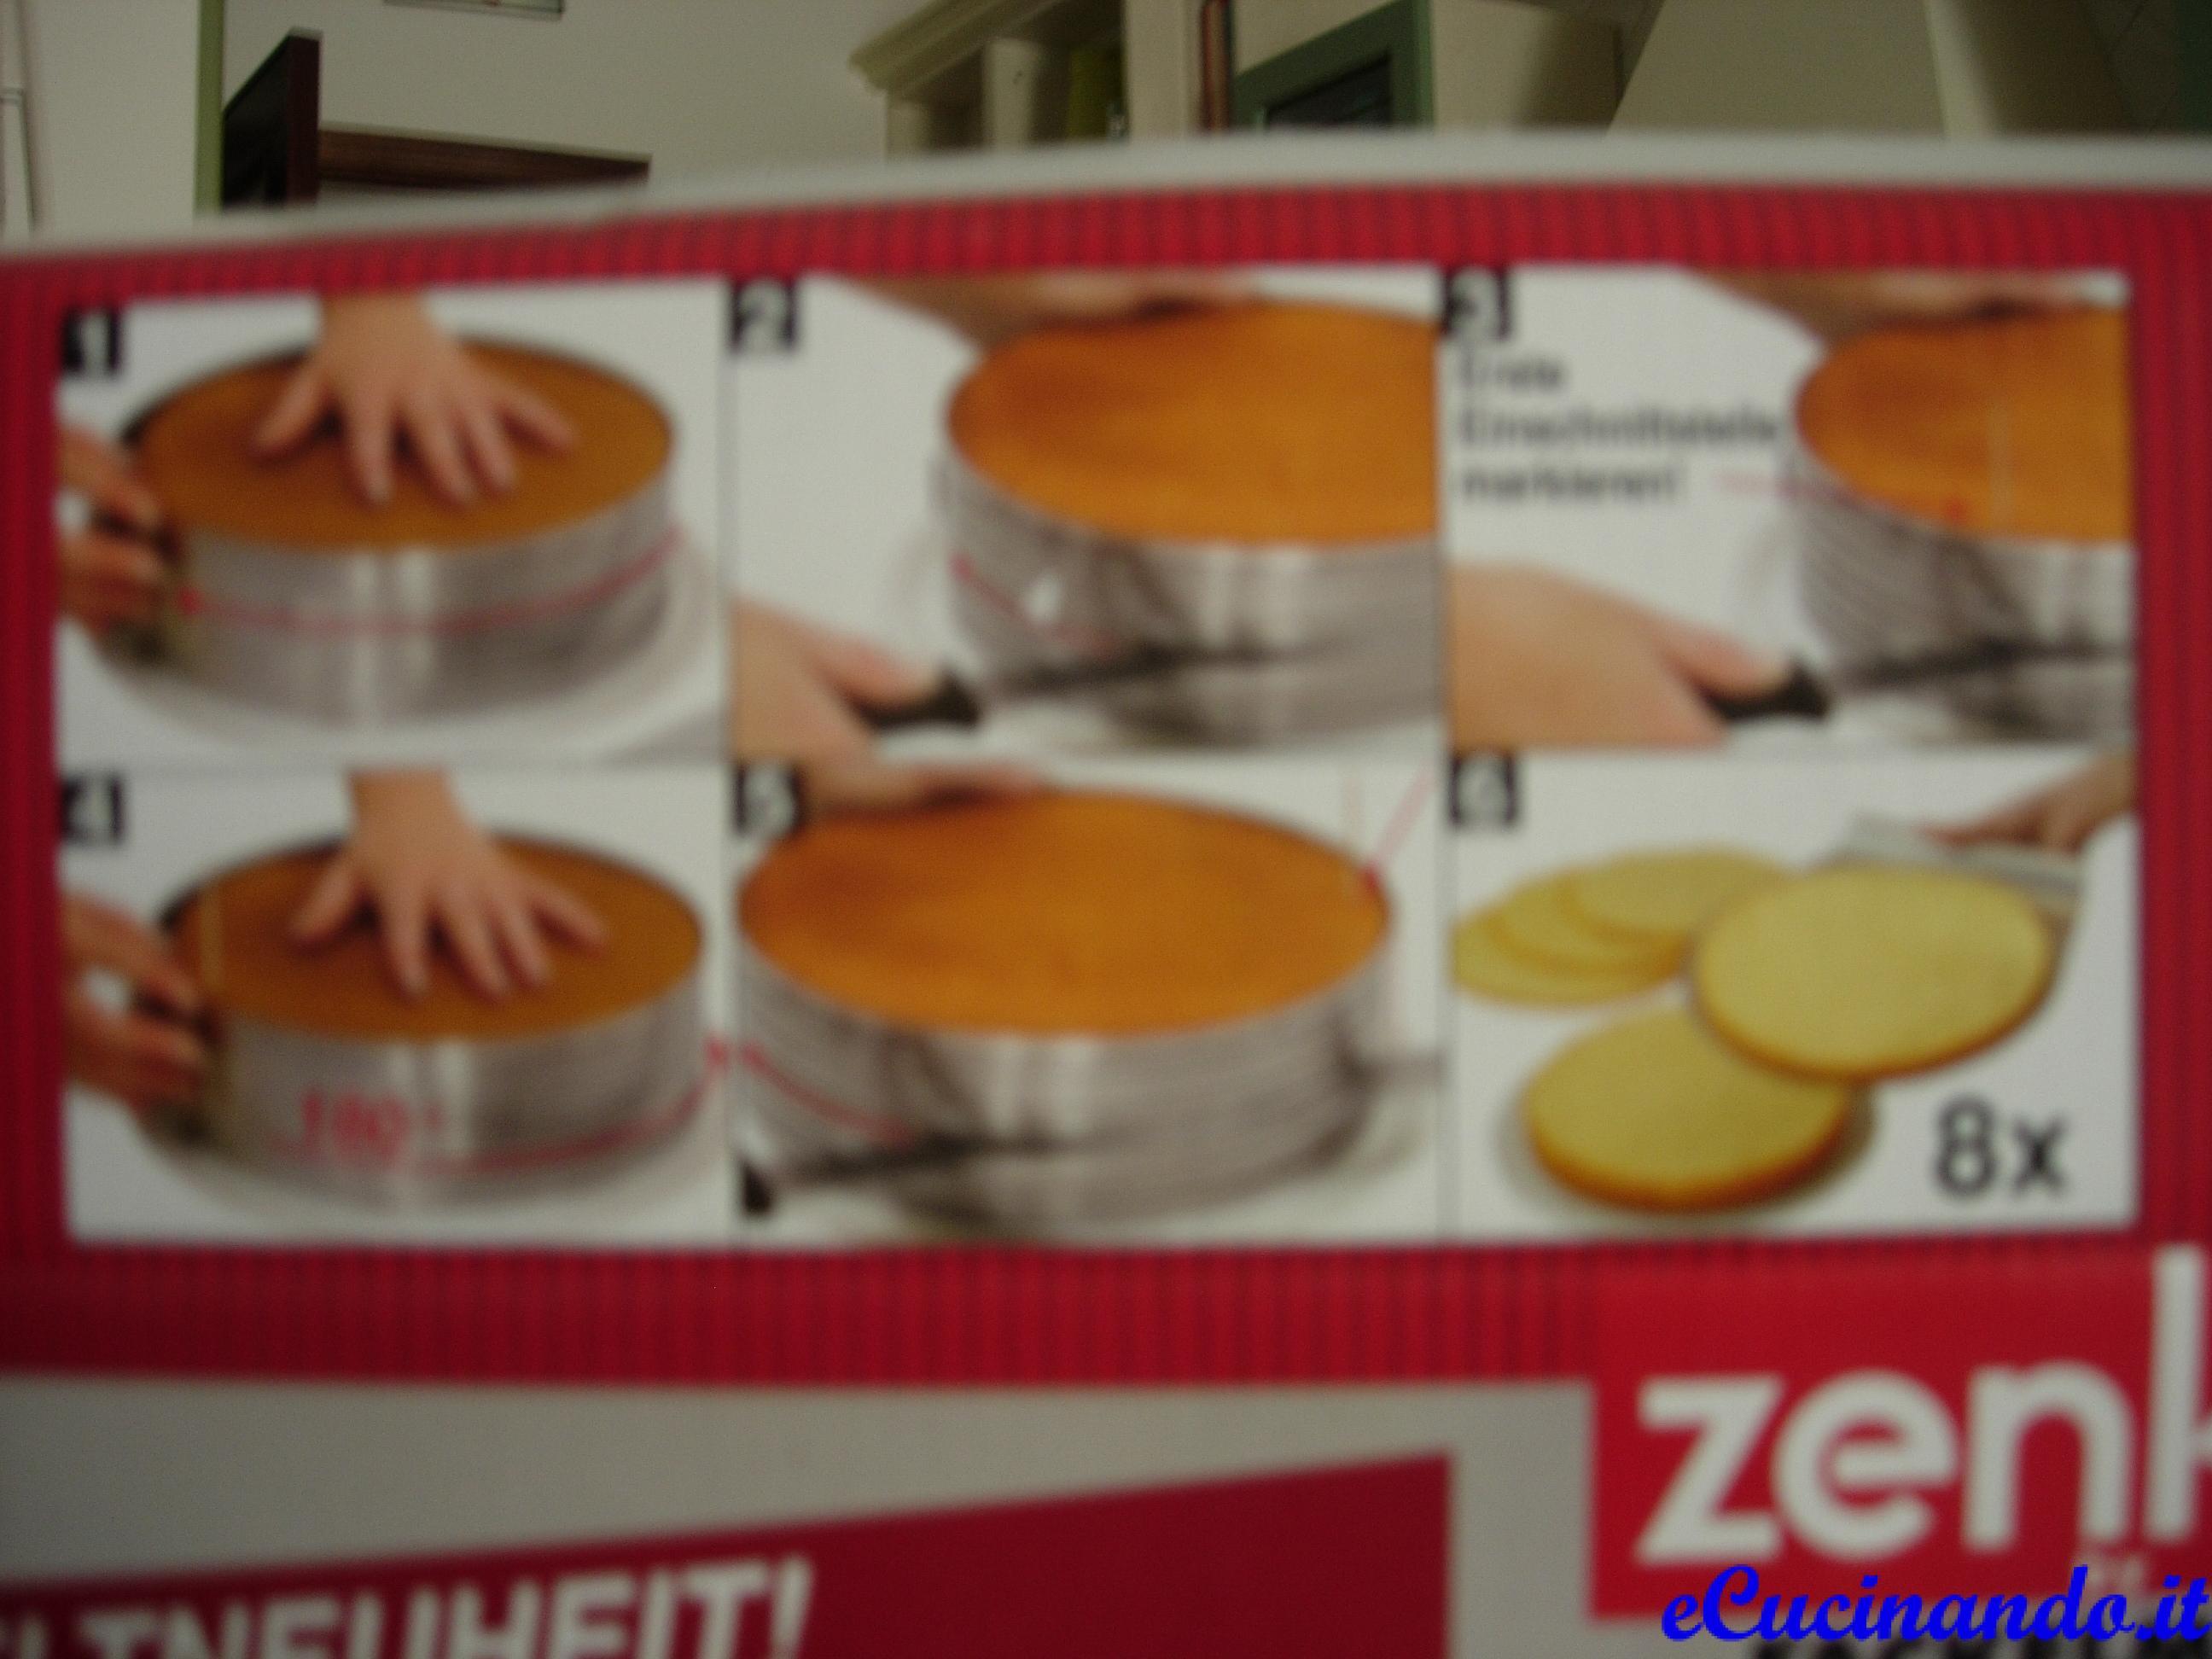 News of attrezzi per la cucina page 4 for Attrezzi per la cucina